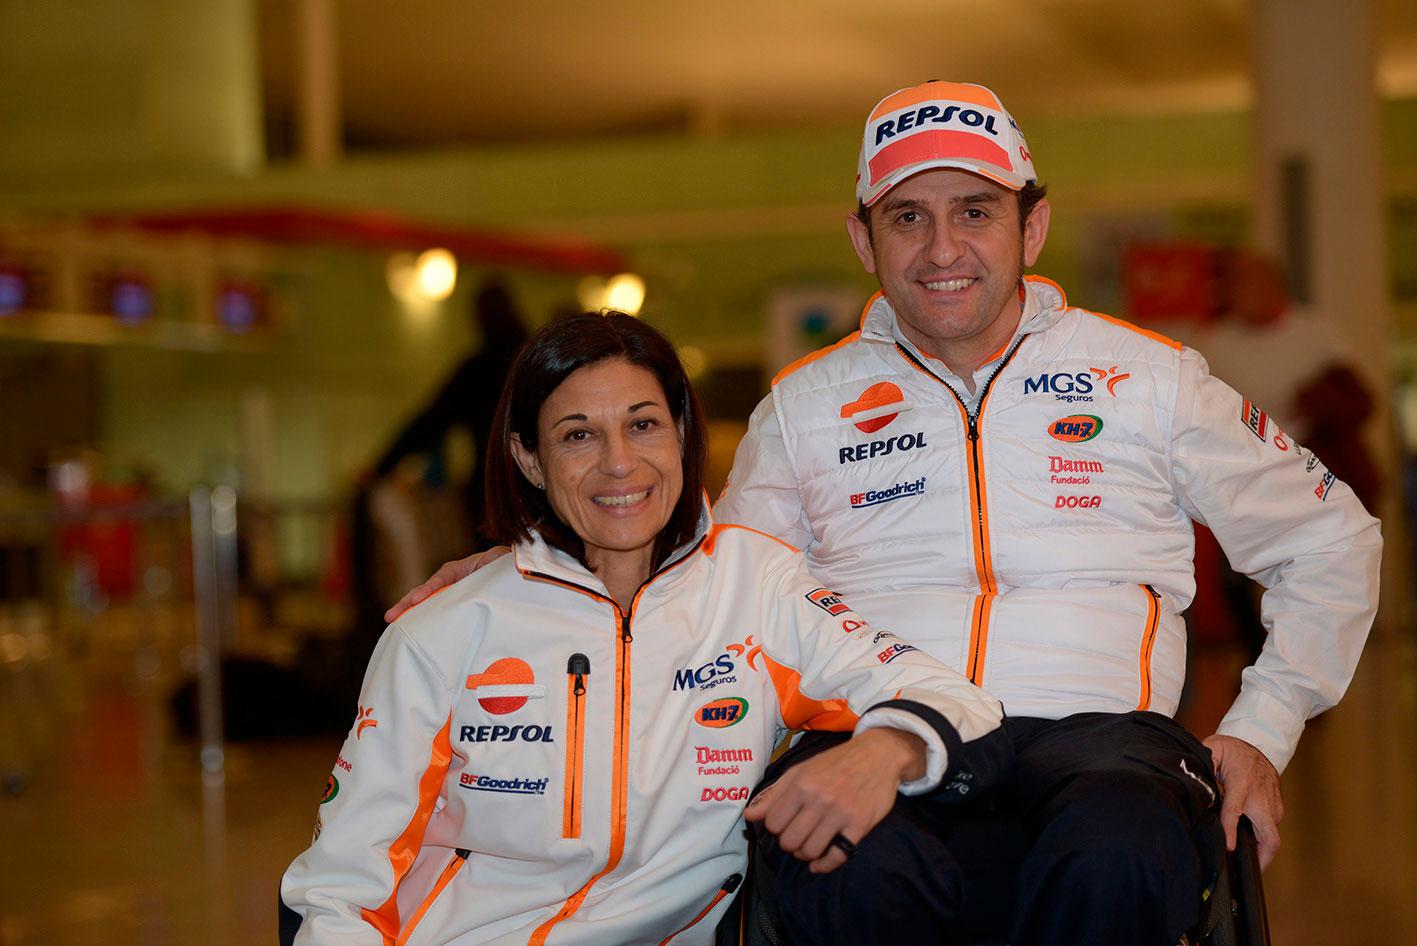 Isidre Esteve con Lidia Guerero, preparadora física y pareja del piloto